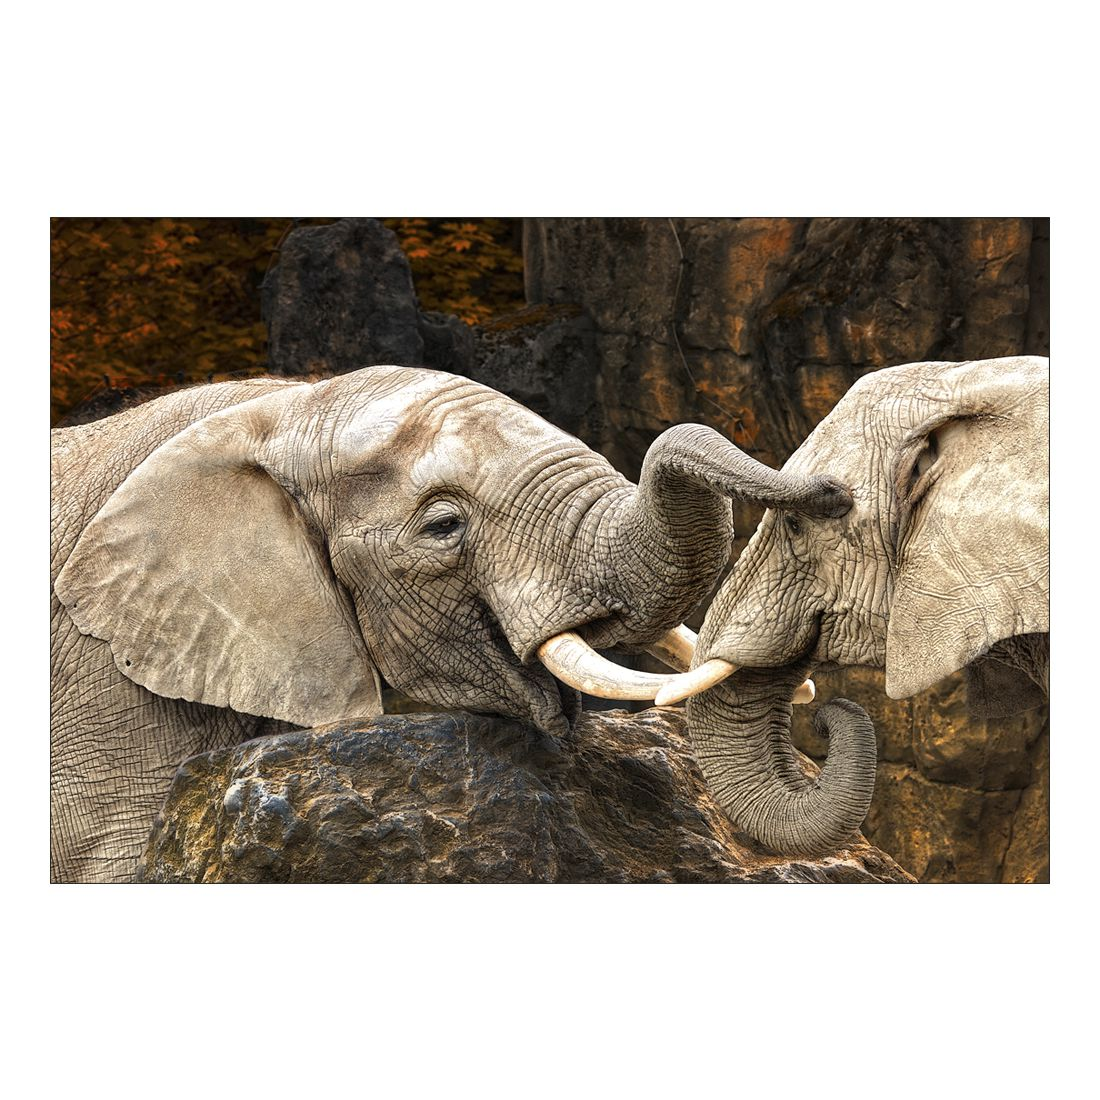 Acrylglasbild Elephant Friendship – Abmessung 90×60 cm, Gallery of Innovative Art jetzt kaufen